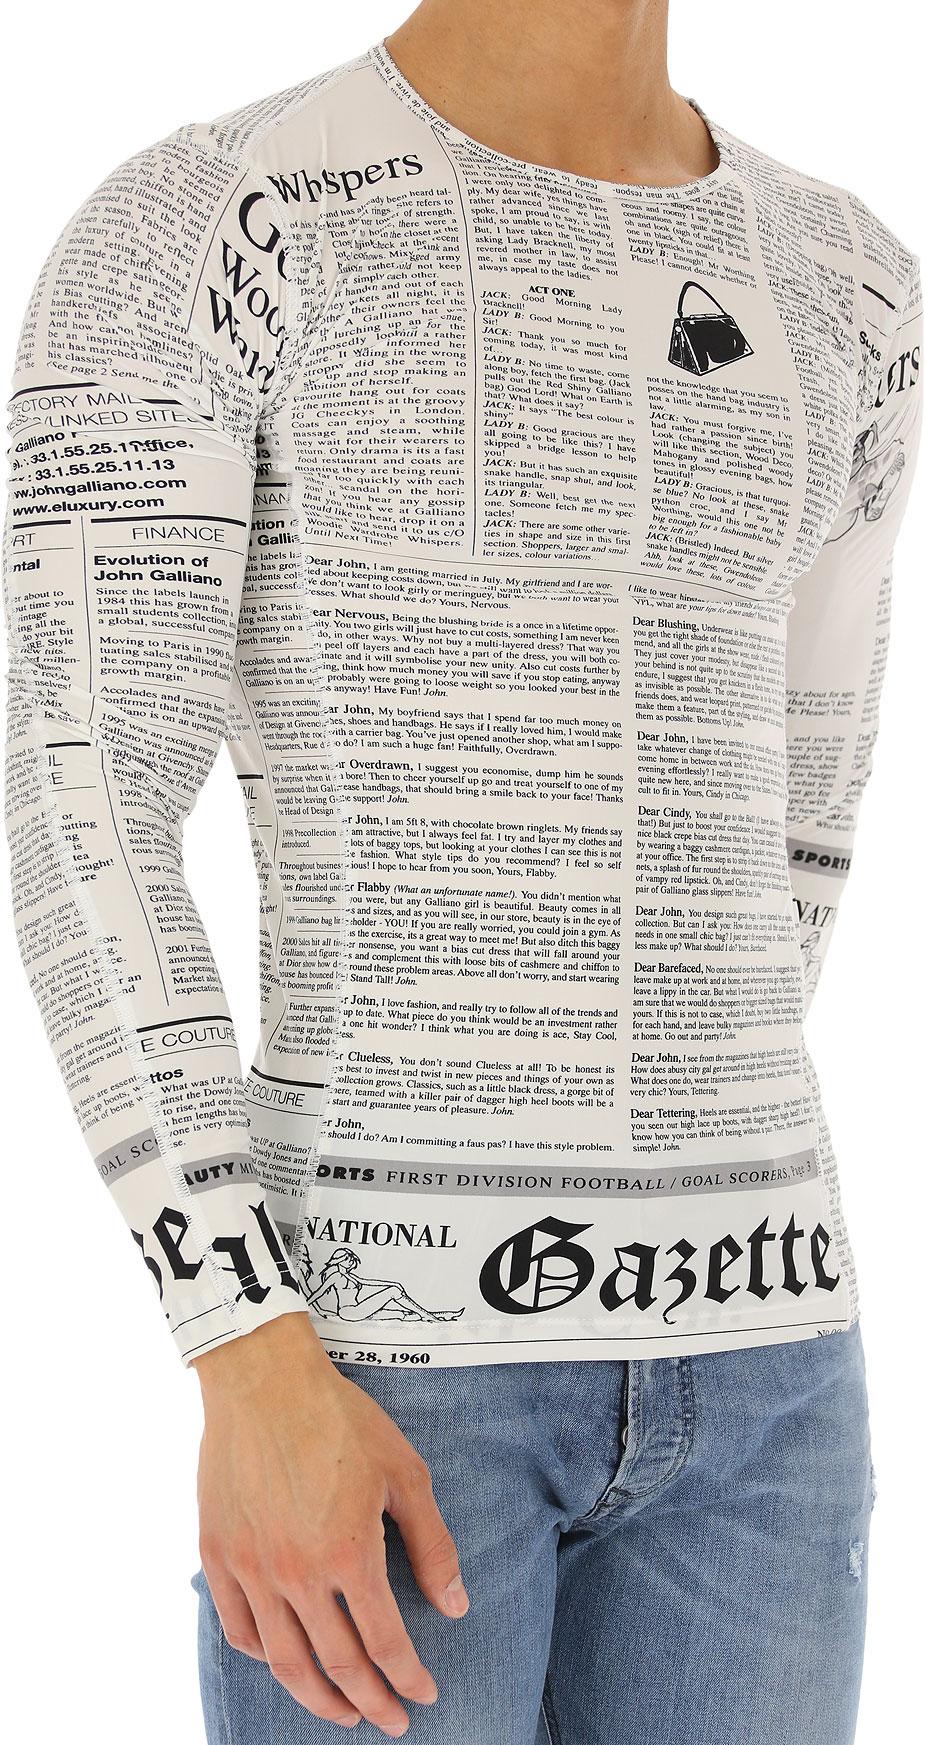 Mare Codice h301 Galliano Uomo Articolo Moda Mare bia t20 Moda 7qKxOwR1PE